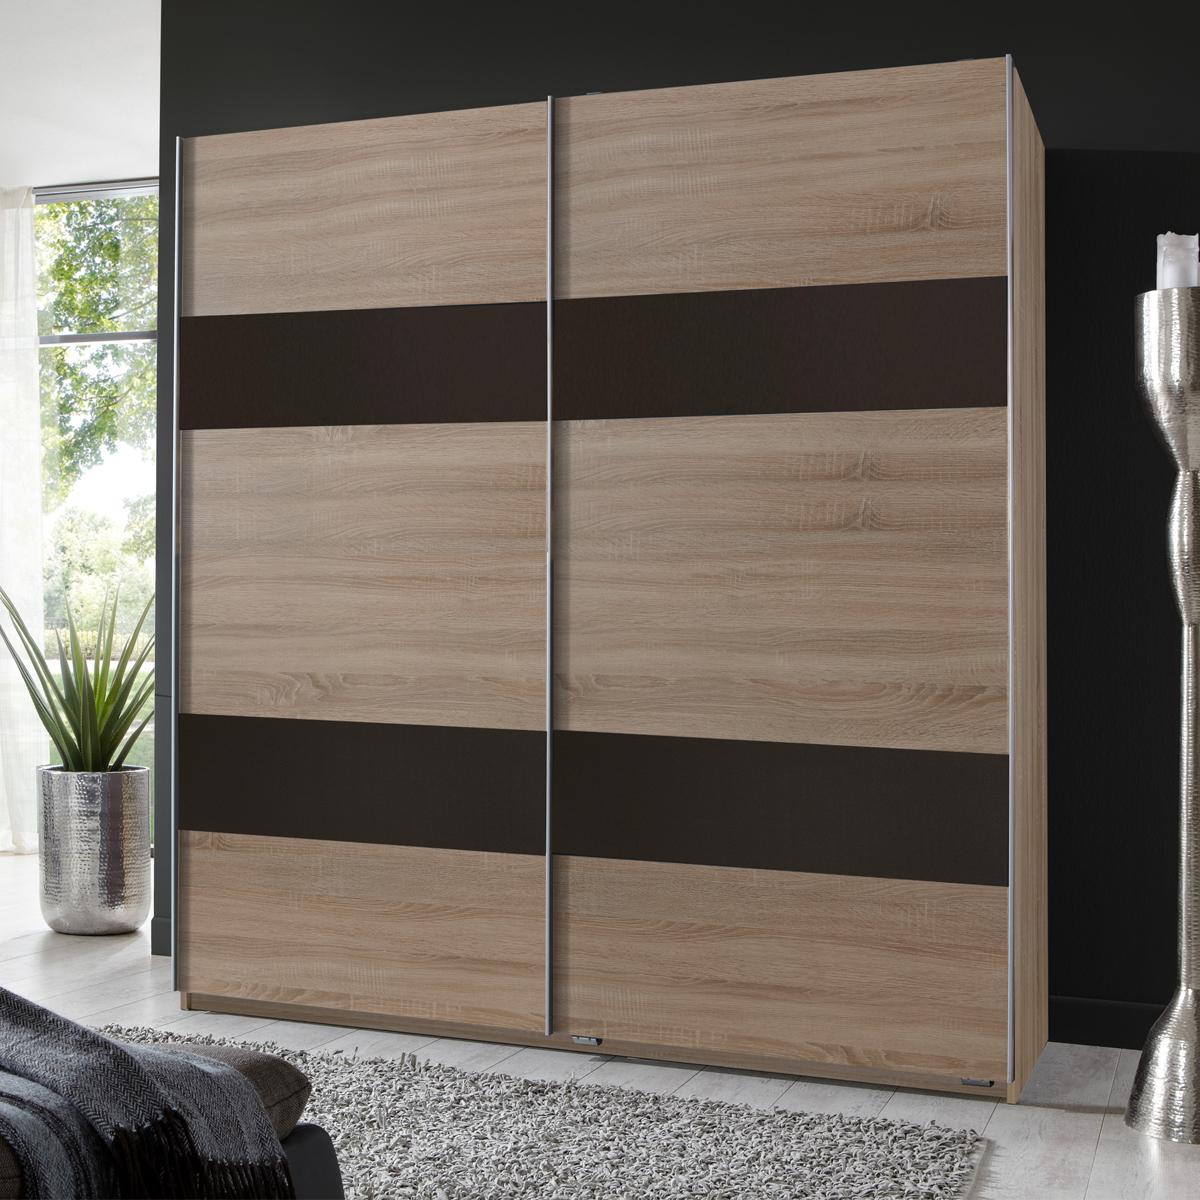 kleiderschrank chess schwebet renschrank 5 farben 180 cm oder 135 cm ebay. Black Bedroom Furniture Sets. Home Design Ideas